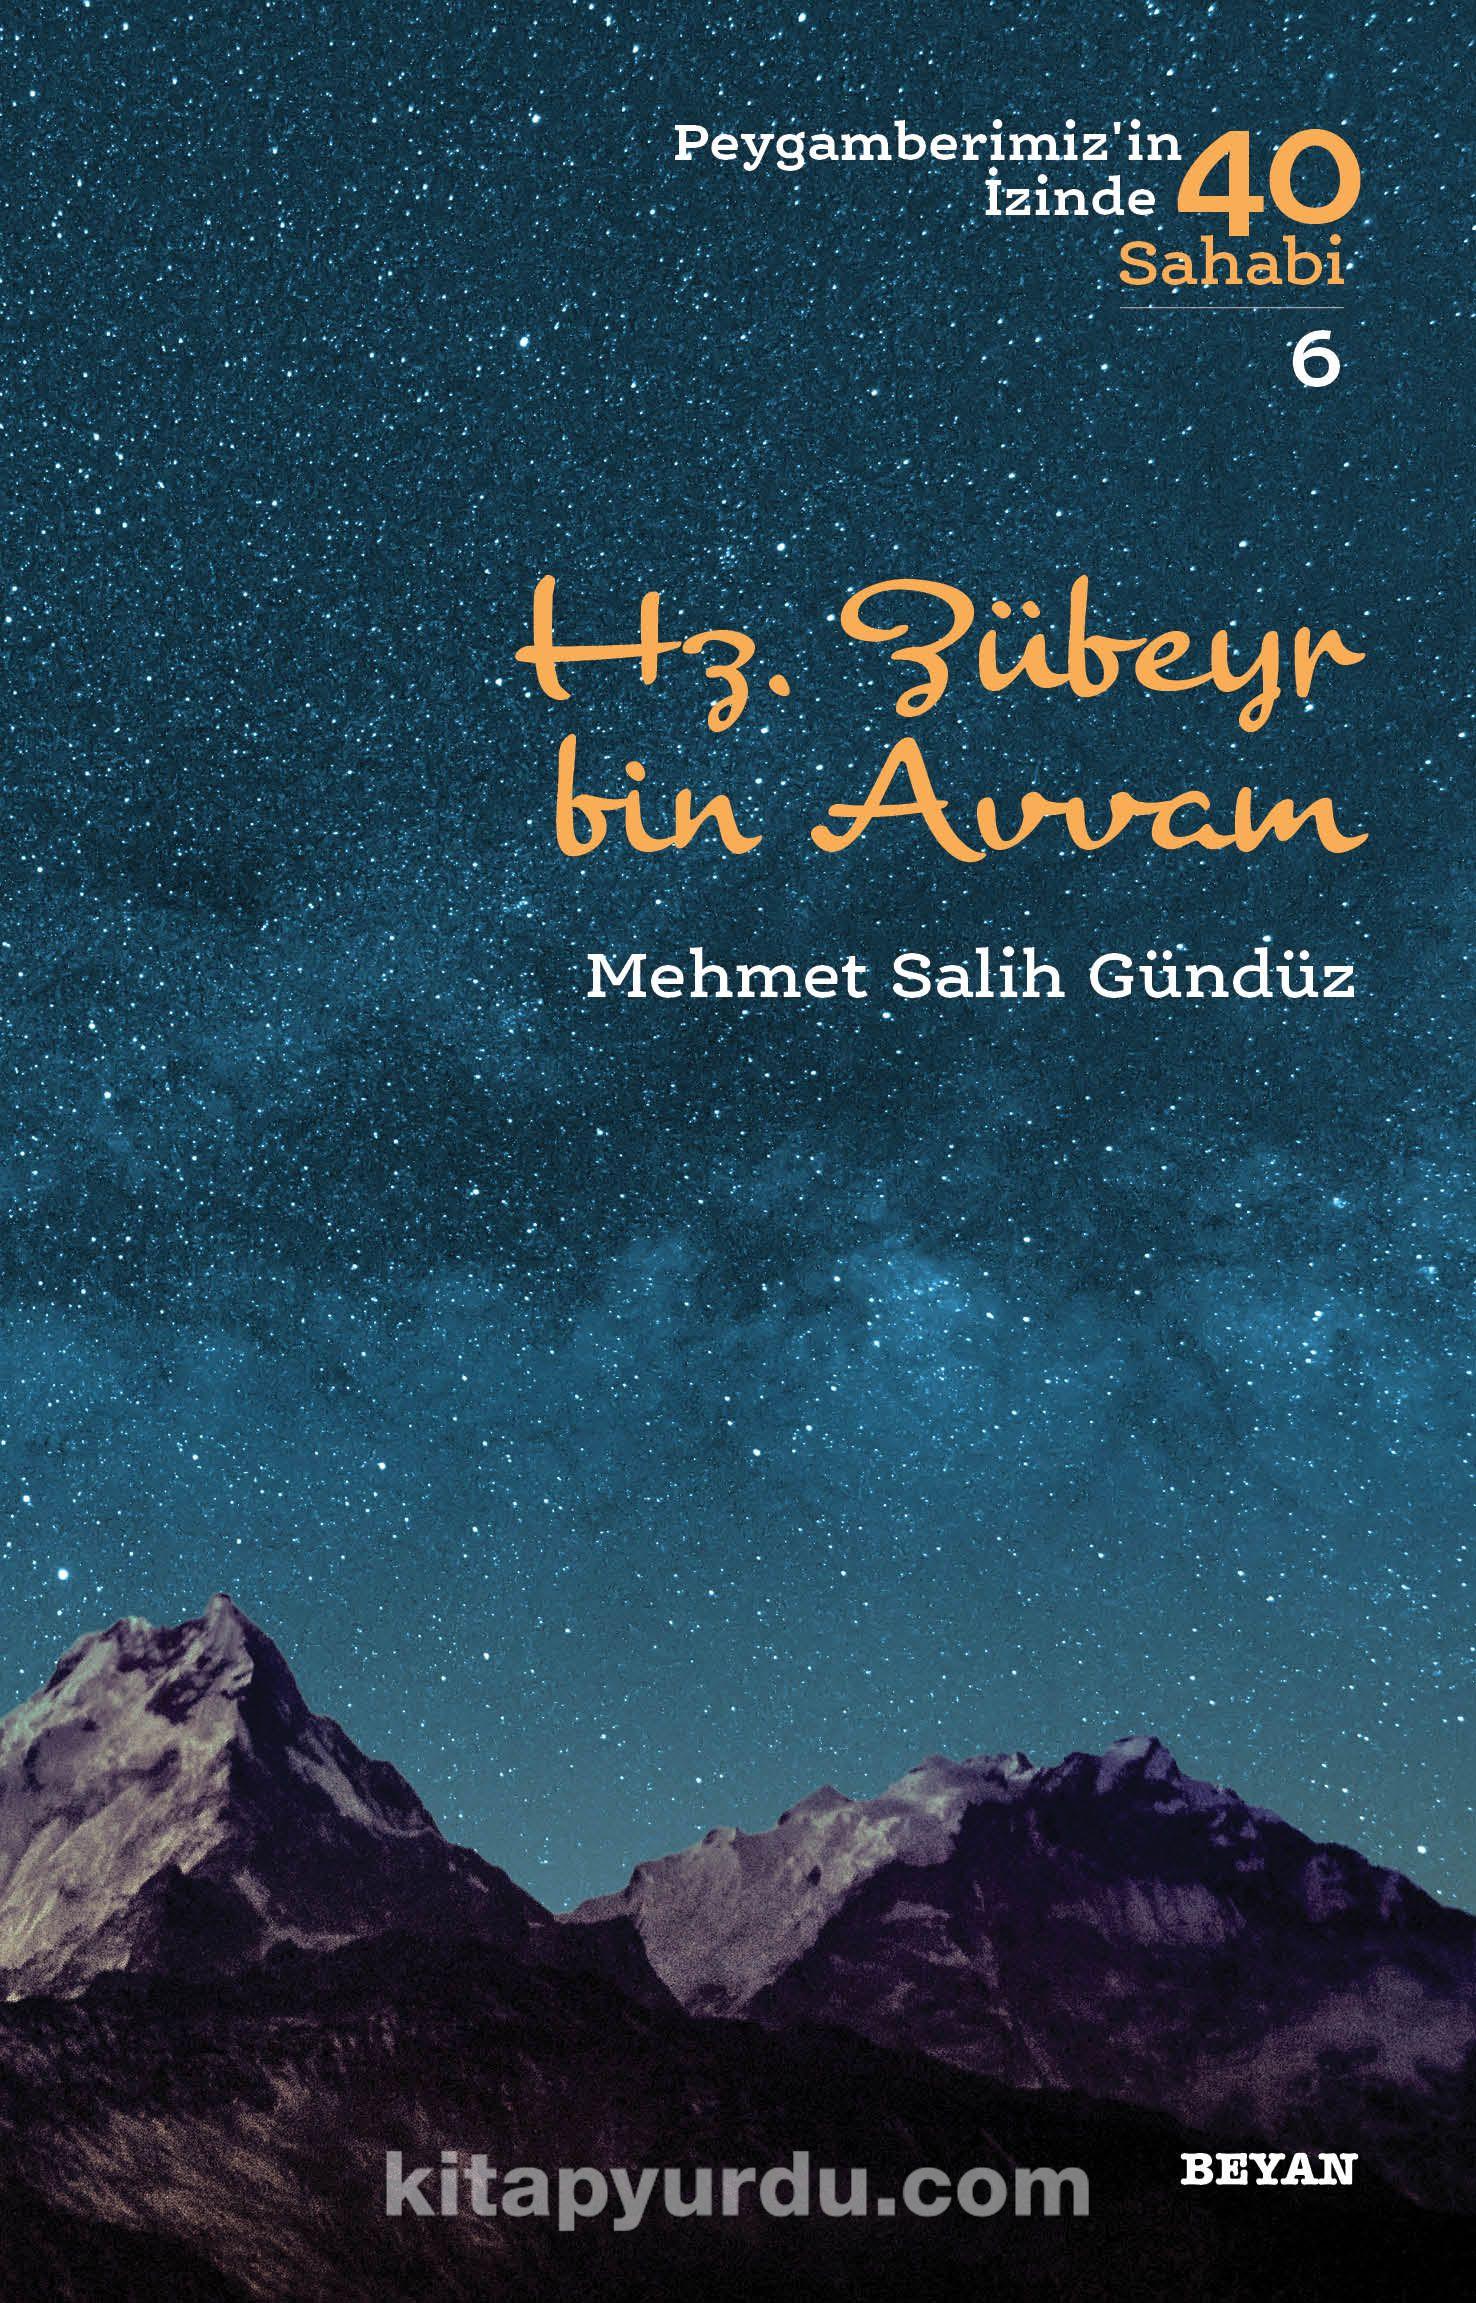 Hz. Zübeyr bin Avvam (Peygamberimiz'in İzinde 40 Sahabi 6) - Mehmet Salih Gündüz pdf epub